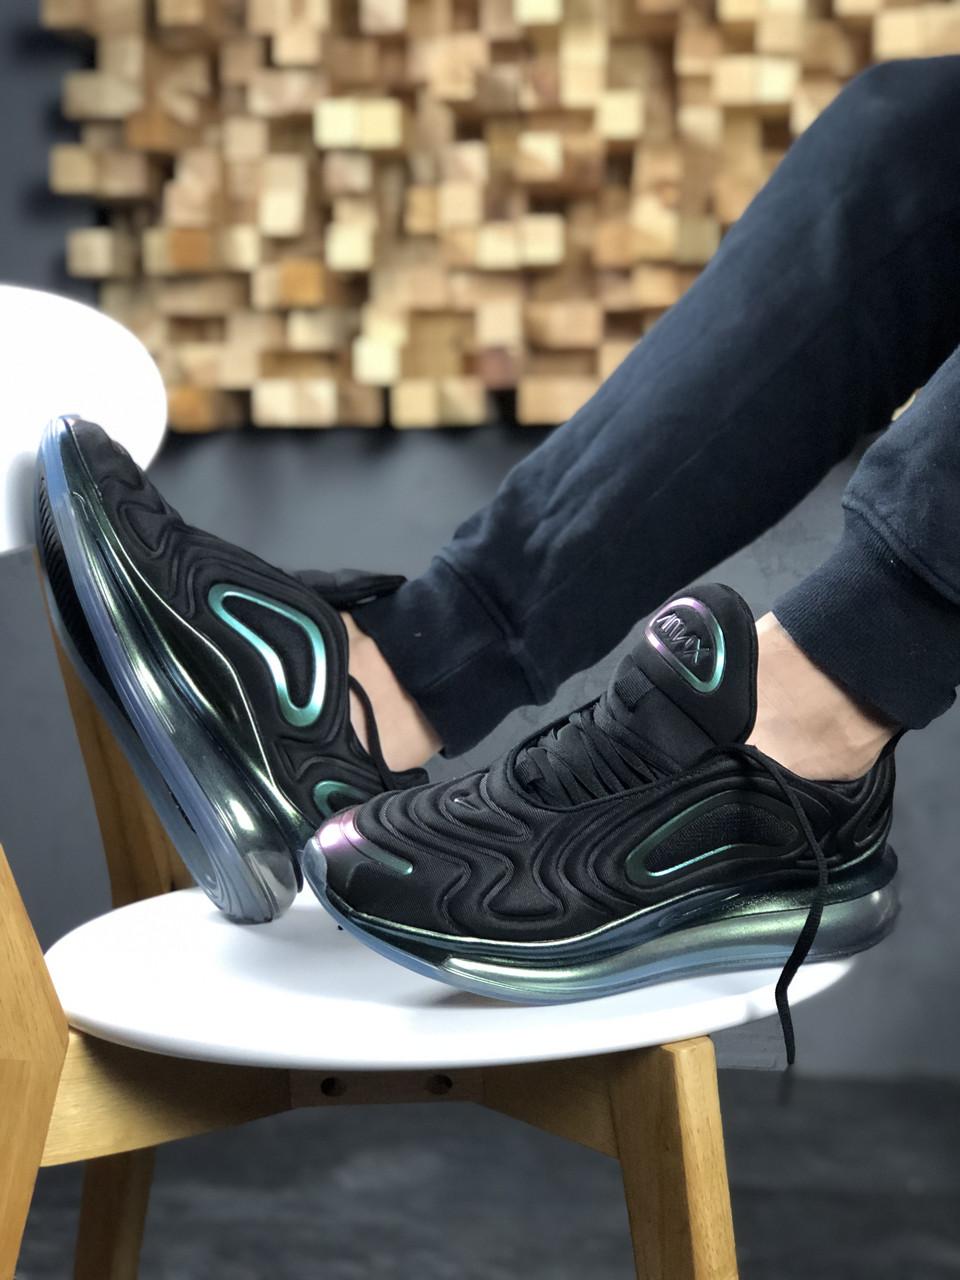 """Мужские кроссовки Nike Air Max 720 """"Throwback Future"""" Black, чёрно-перламутровые. Размеры (41,42,43,44,45)"""